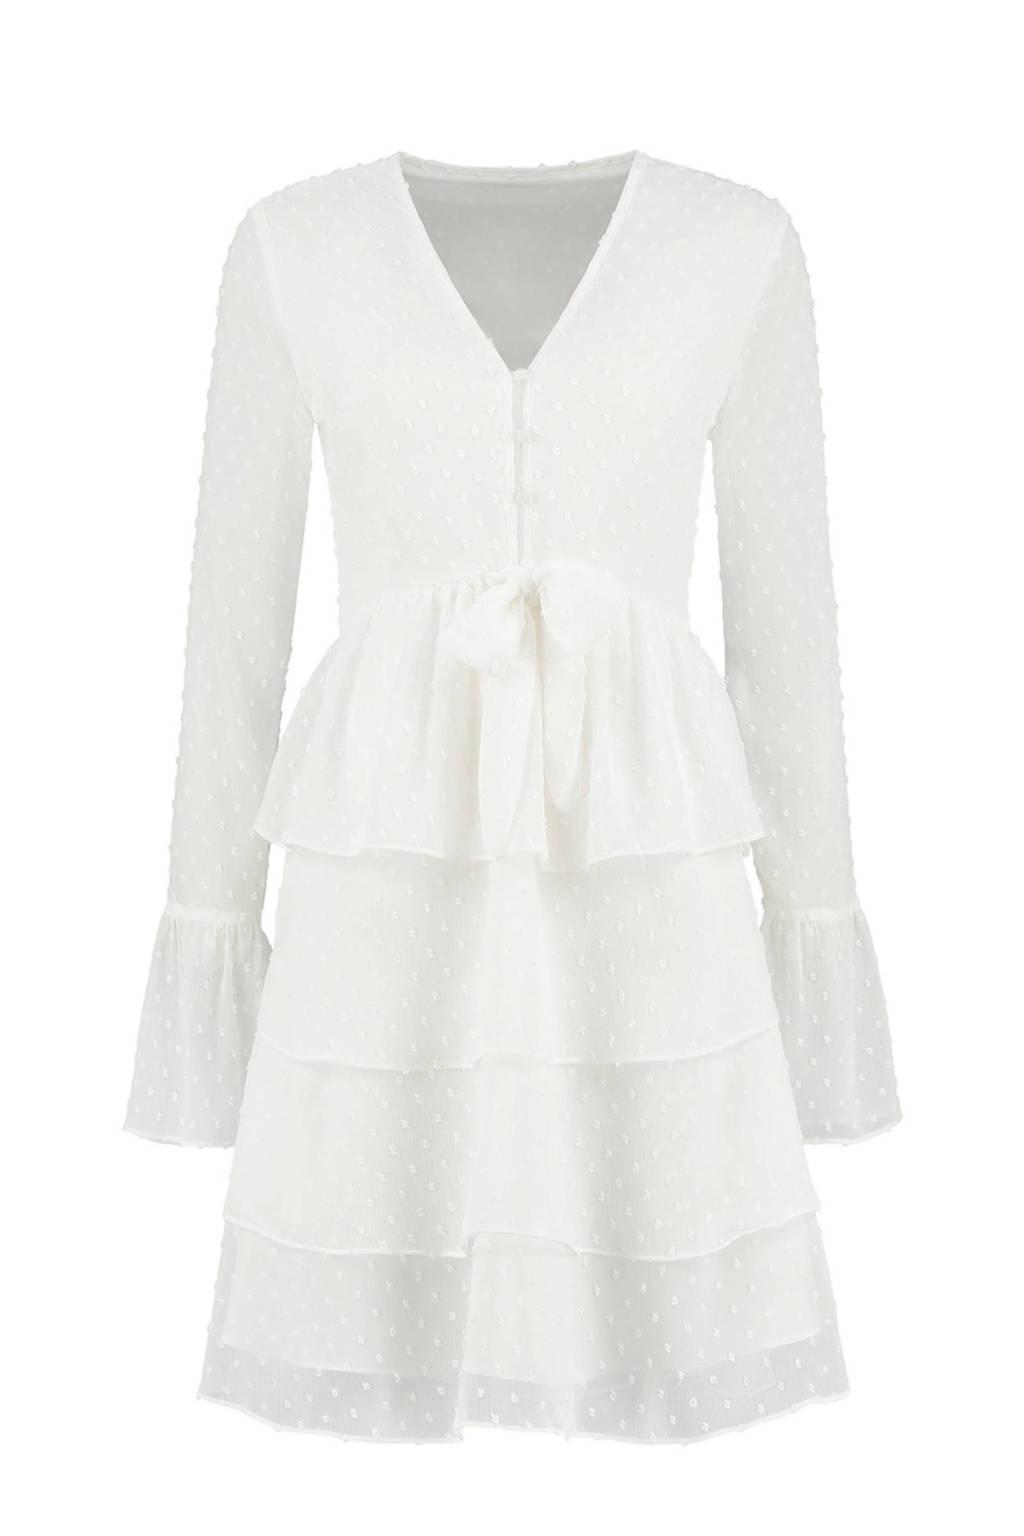 NIKKIE jurk Rana wit, Wit